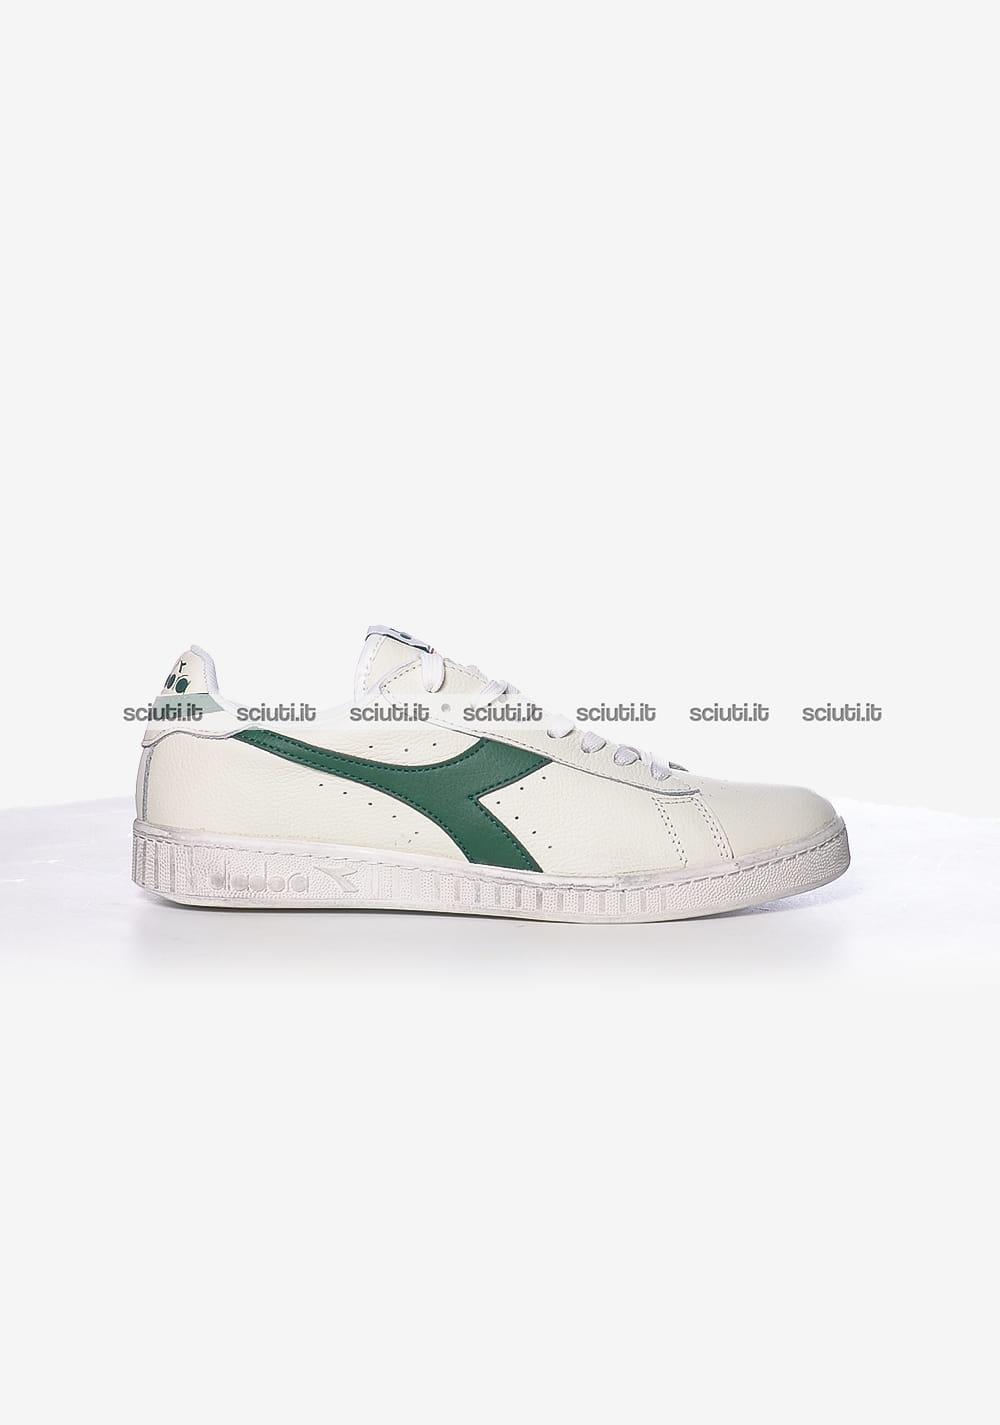 scelta migliore migliori offerte su la vendita di scarpe Scarpe Diadora uomo Game L Low waxed bianco verde | Sciuti.it